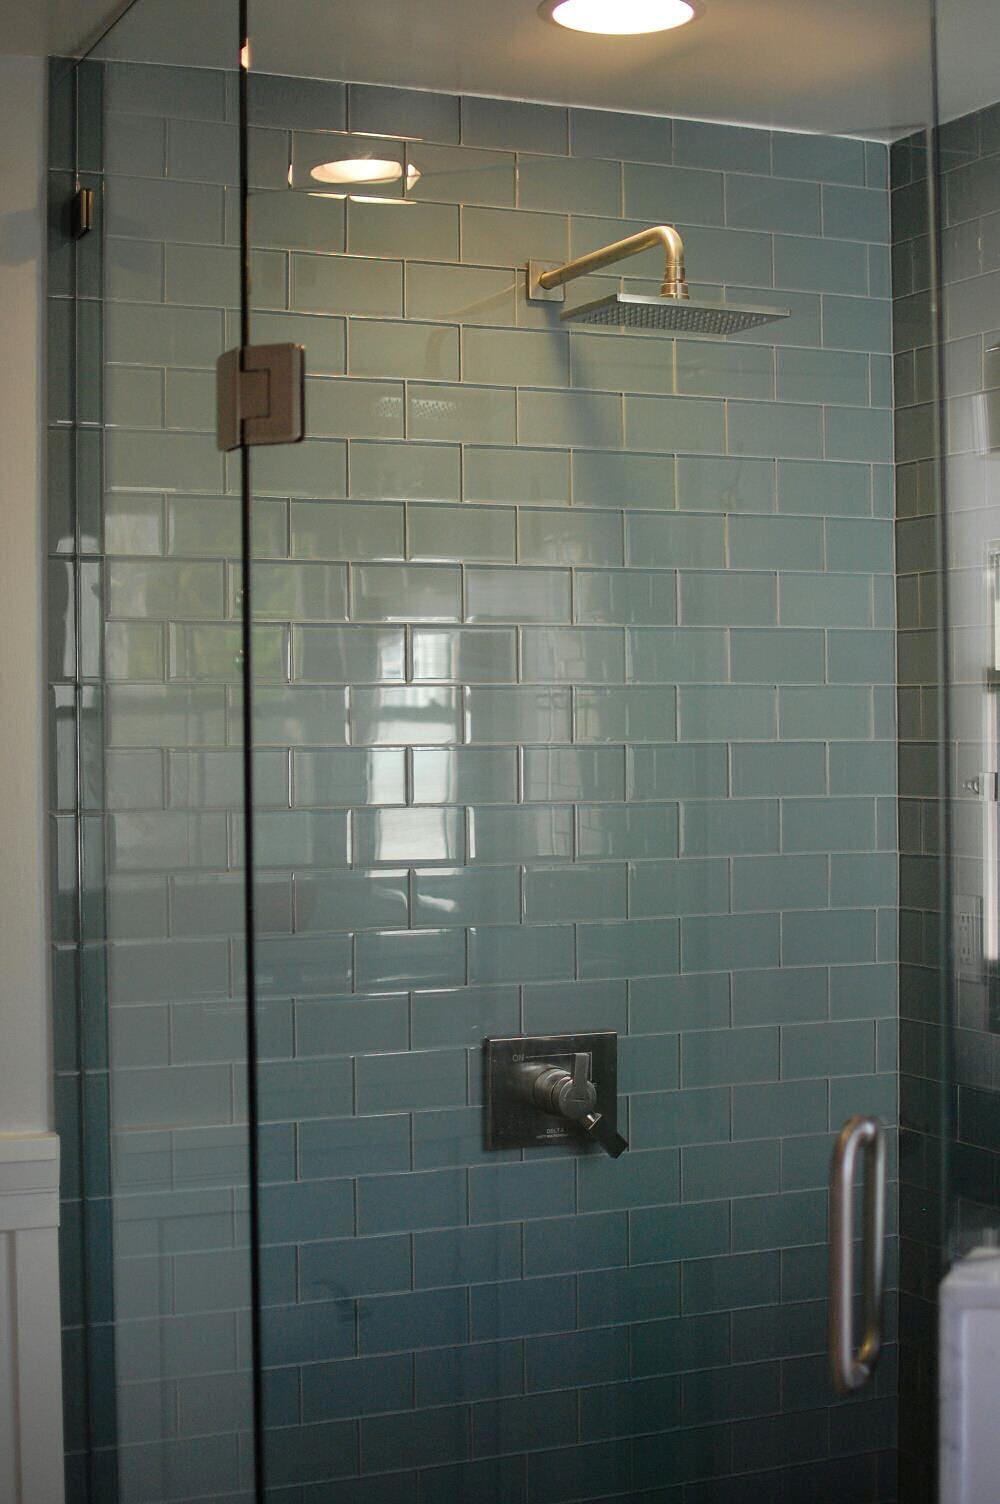 Gelbe fliesen bad ideen ocean glass subway tile shower found at bwaytileoutlet